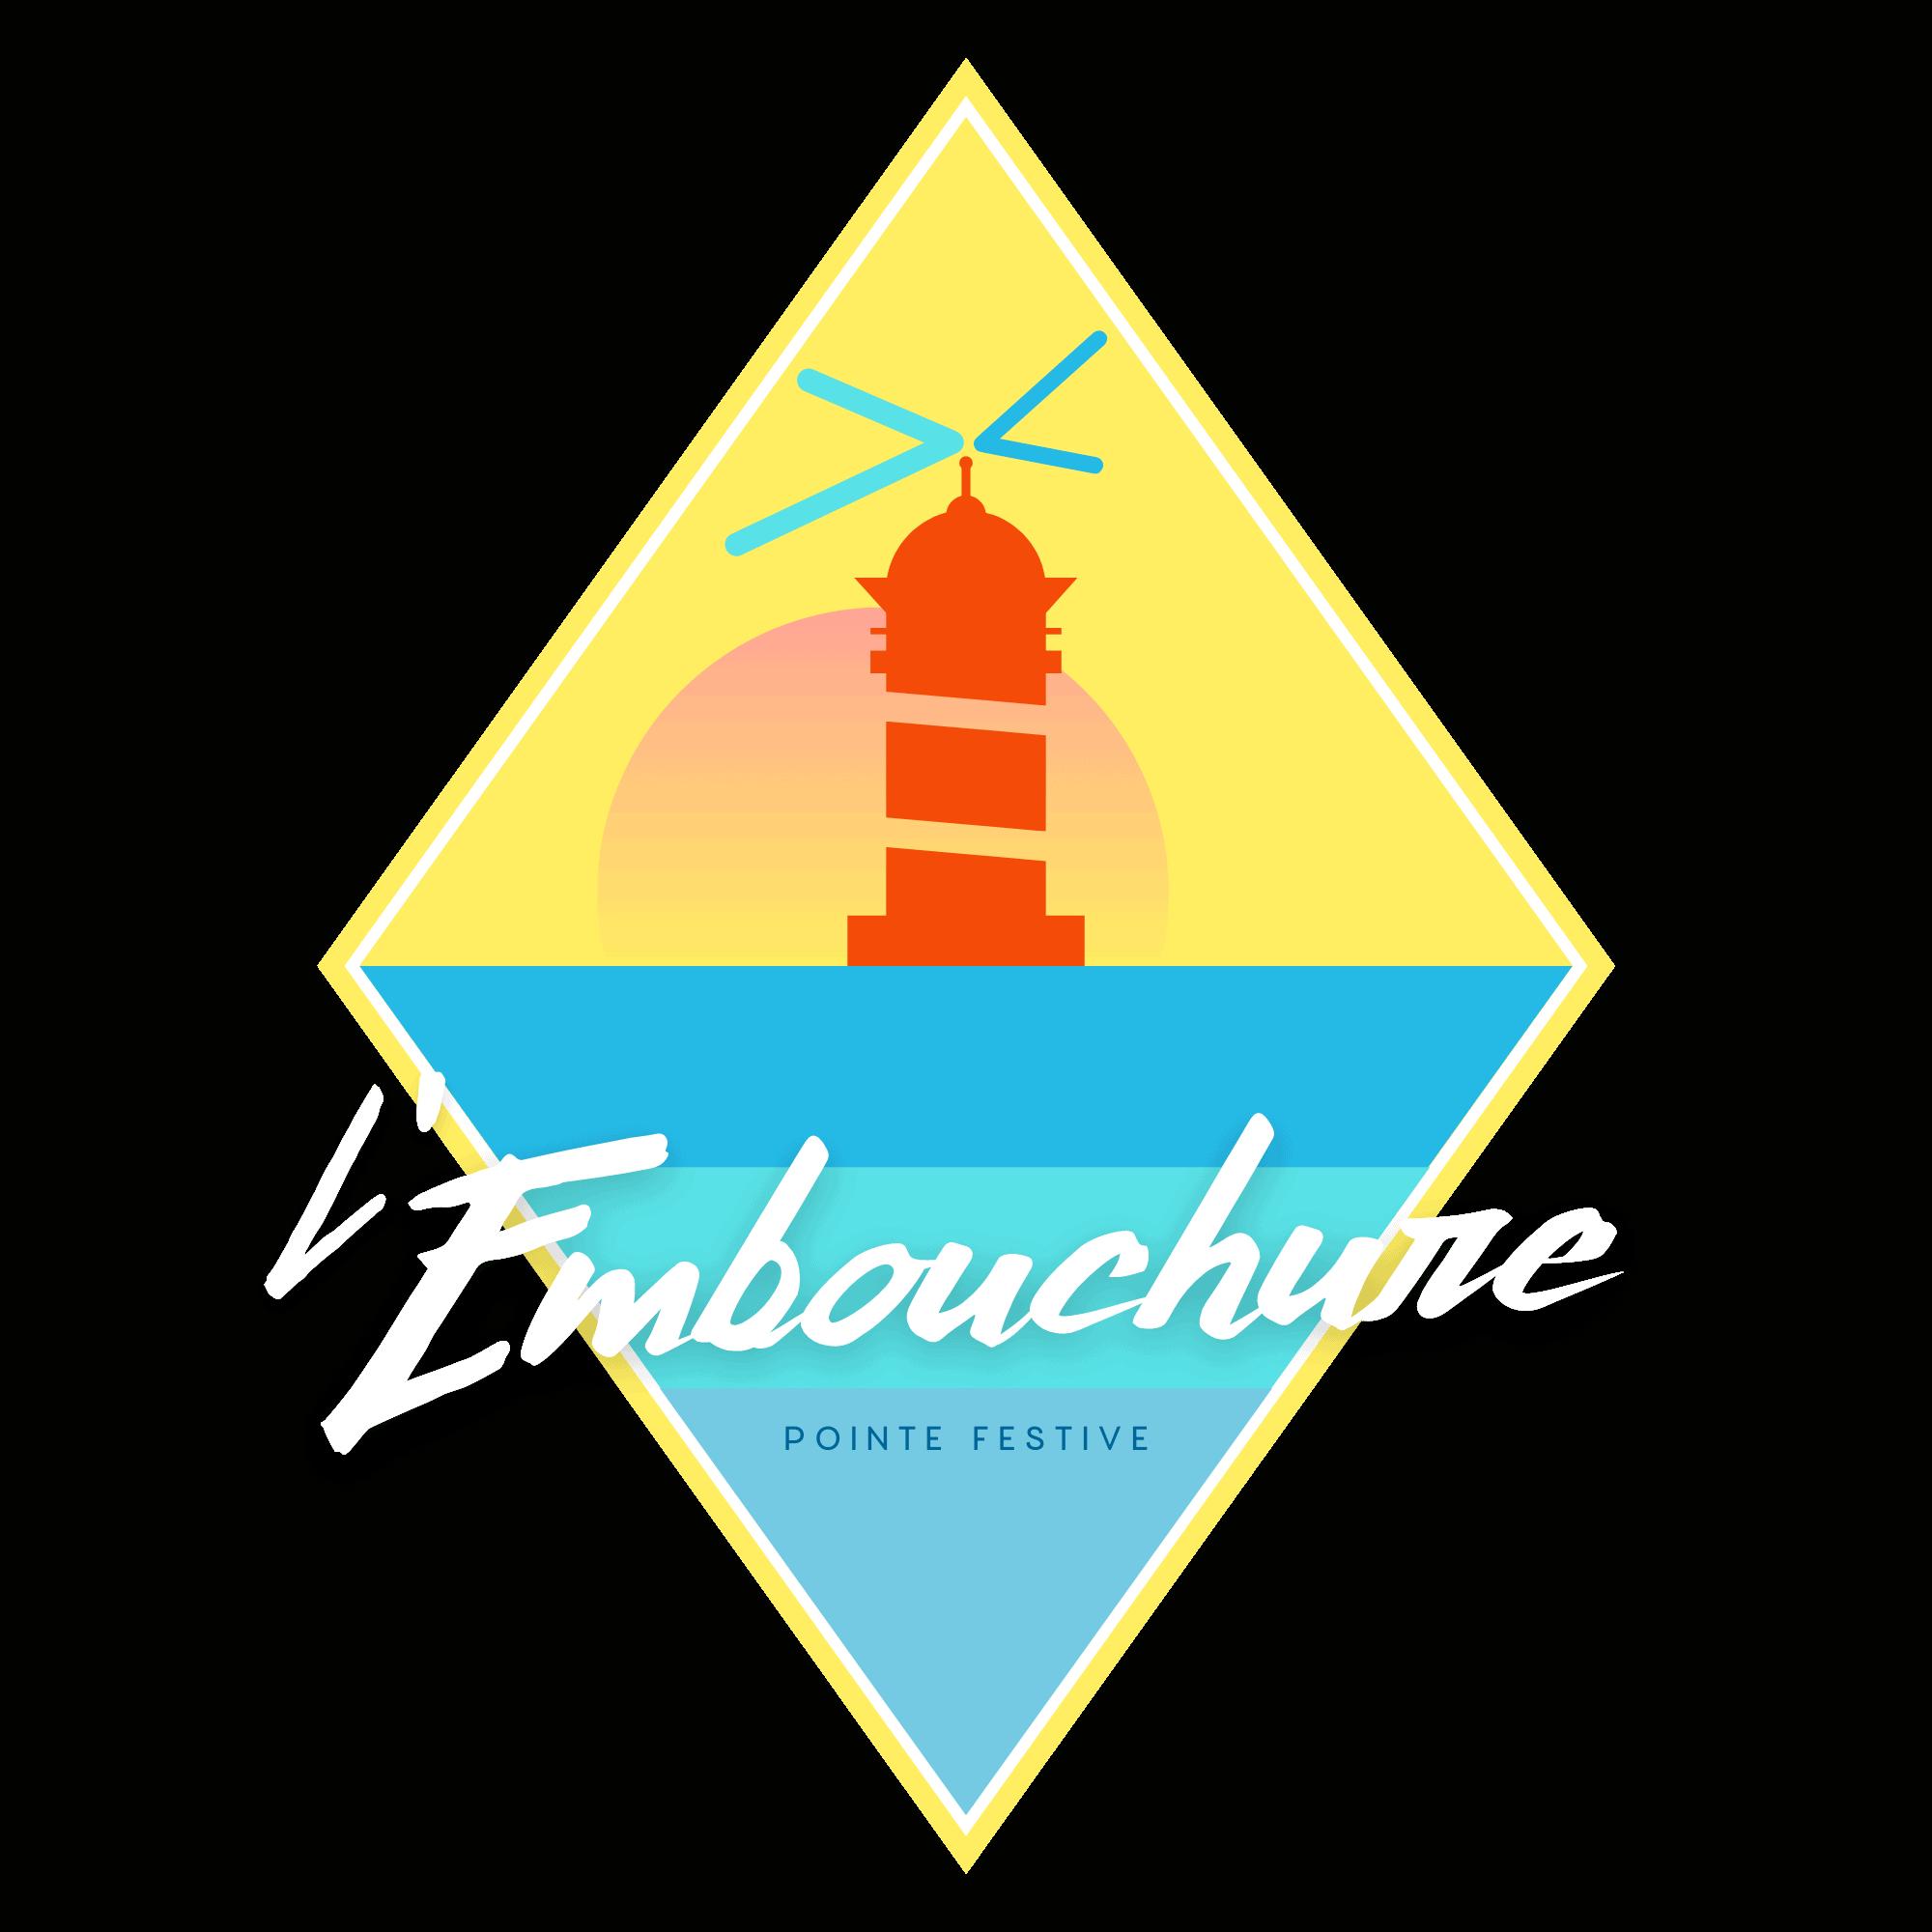 L'embouchure logo officiel